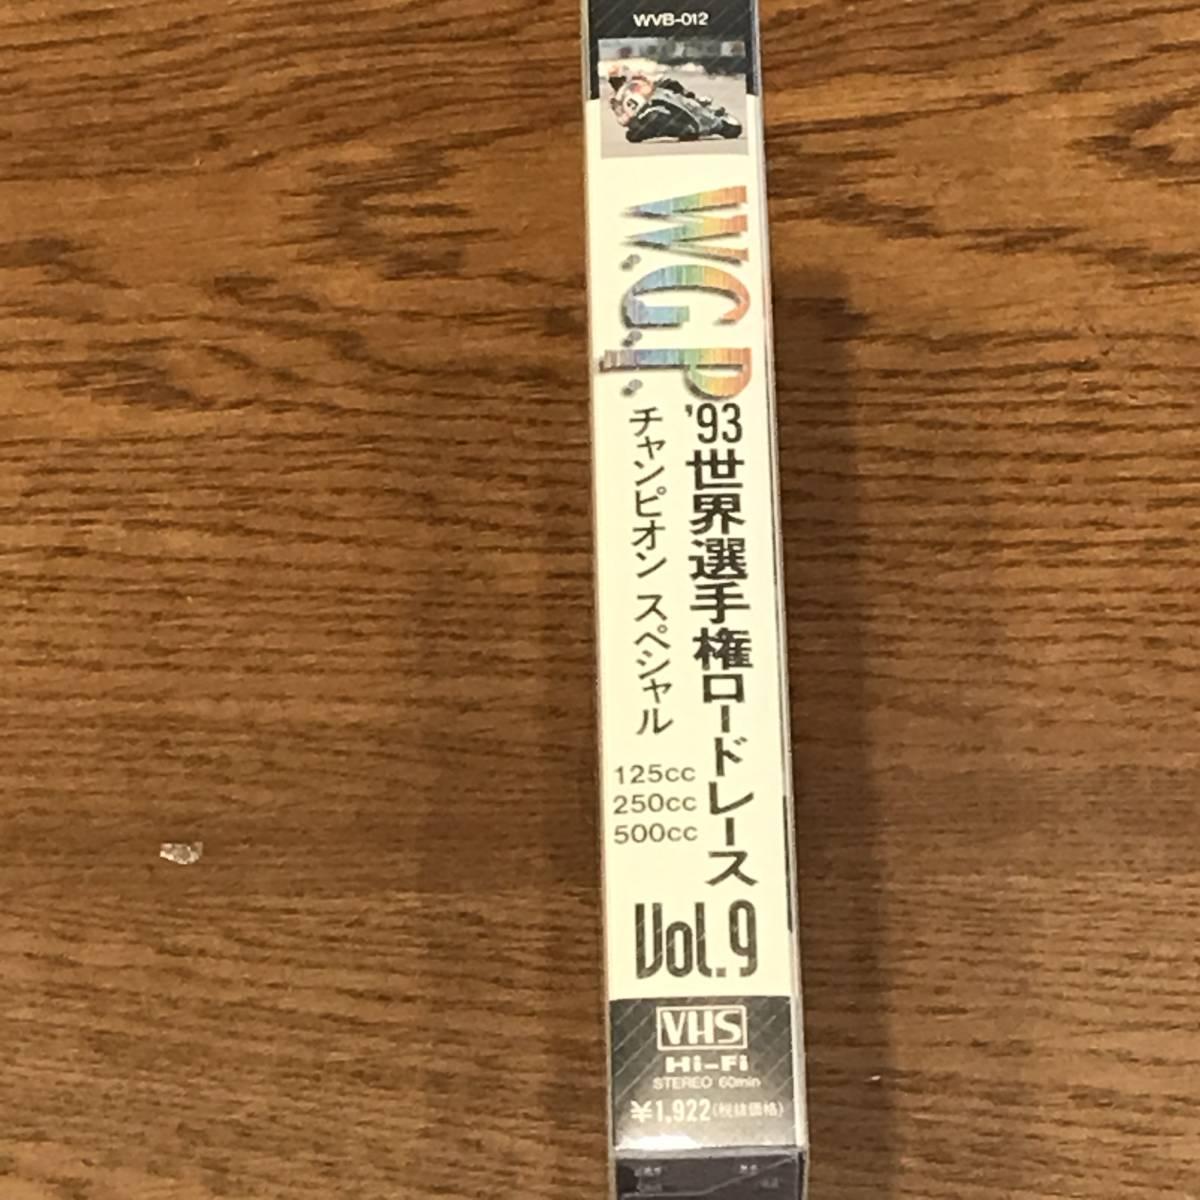 '93世界選手権ロードレース Vol.9 チャンピオン スペシャル ワールドグランプリ オフィシャルビデオ _画像3